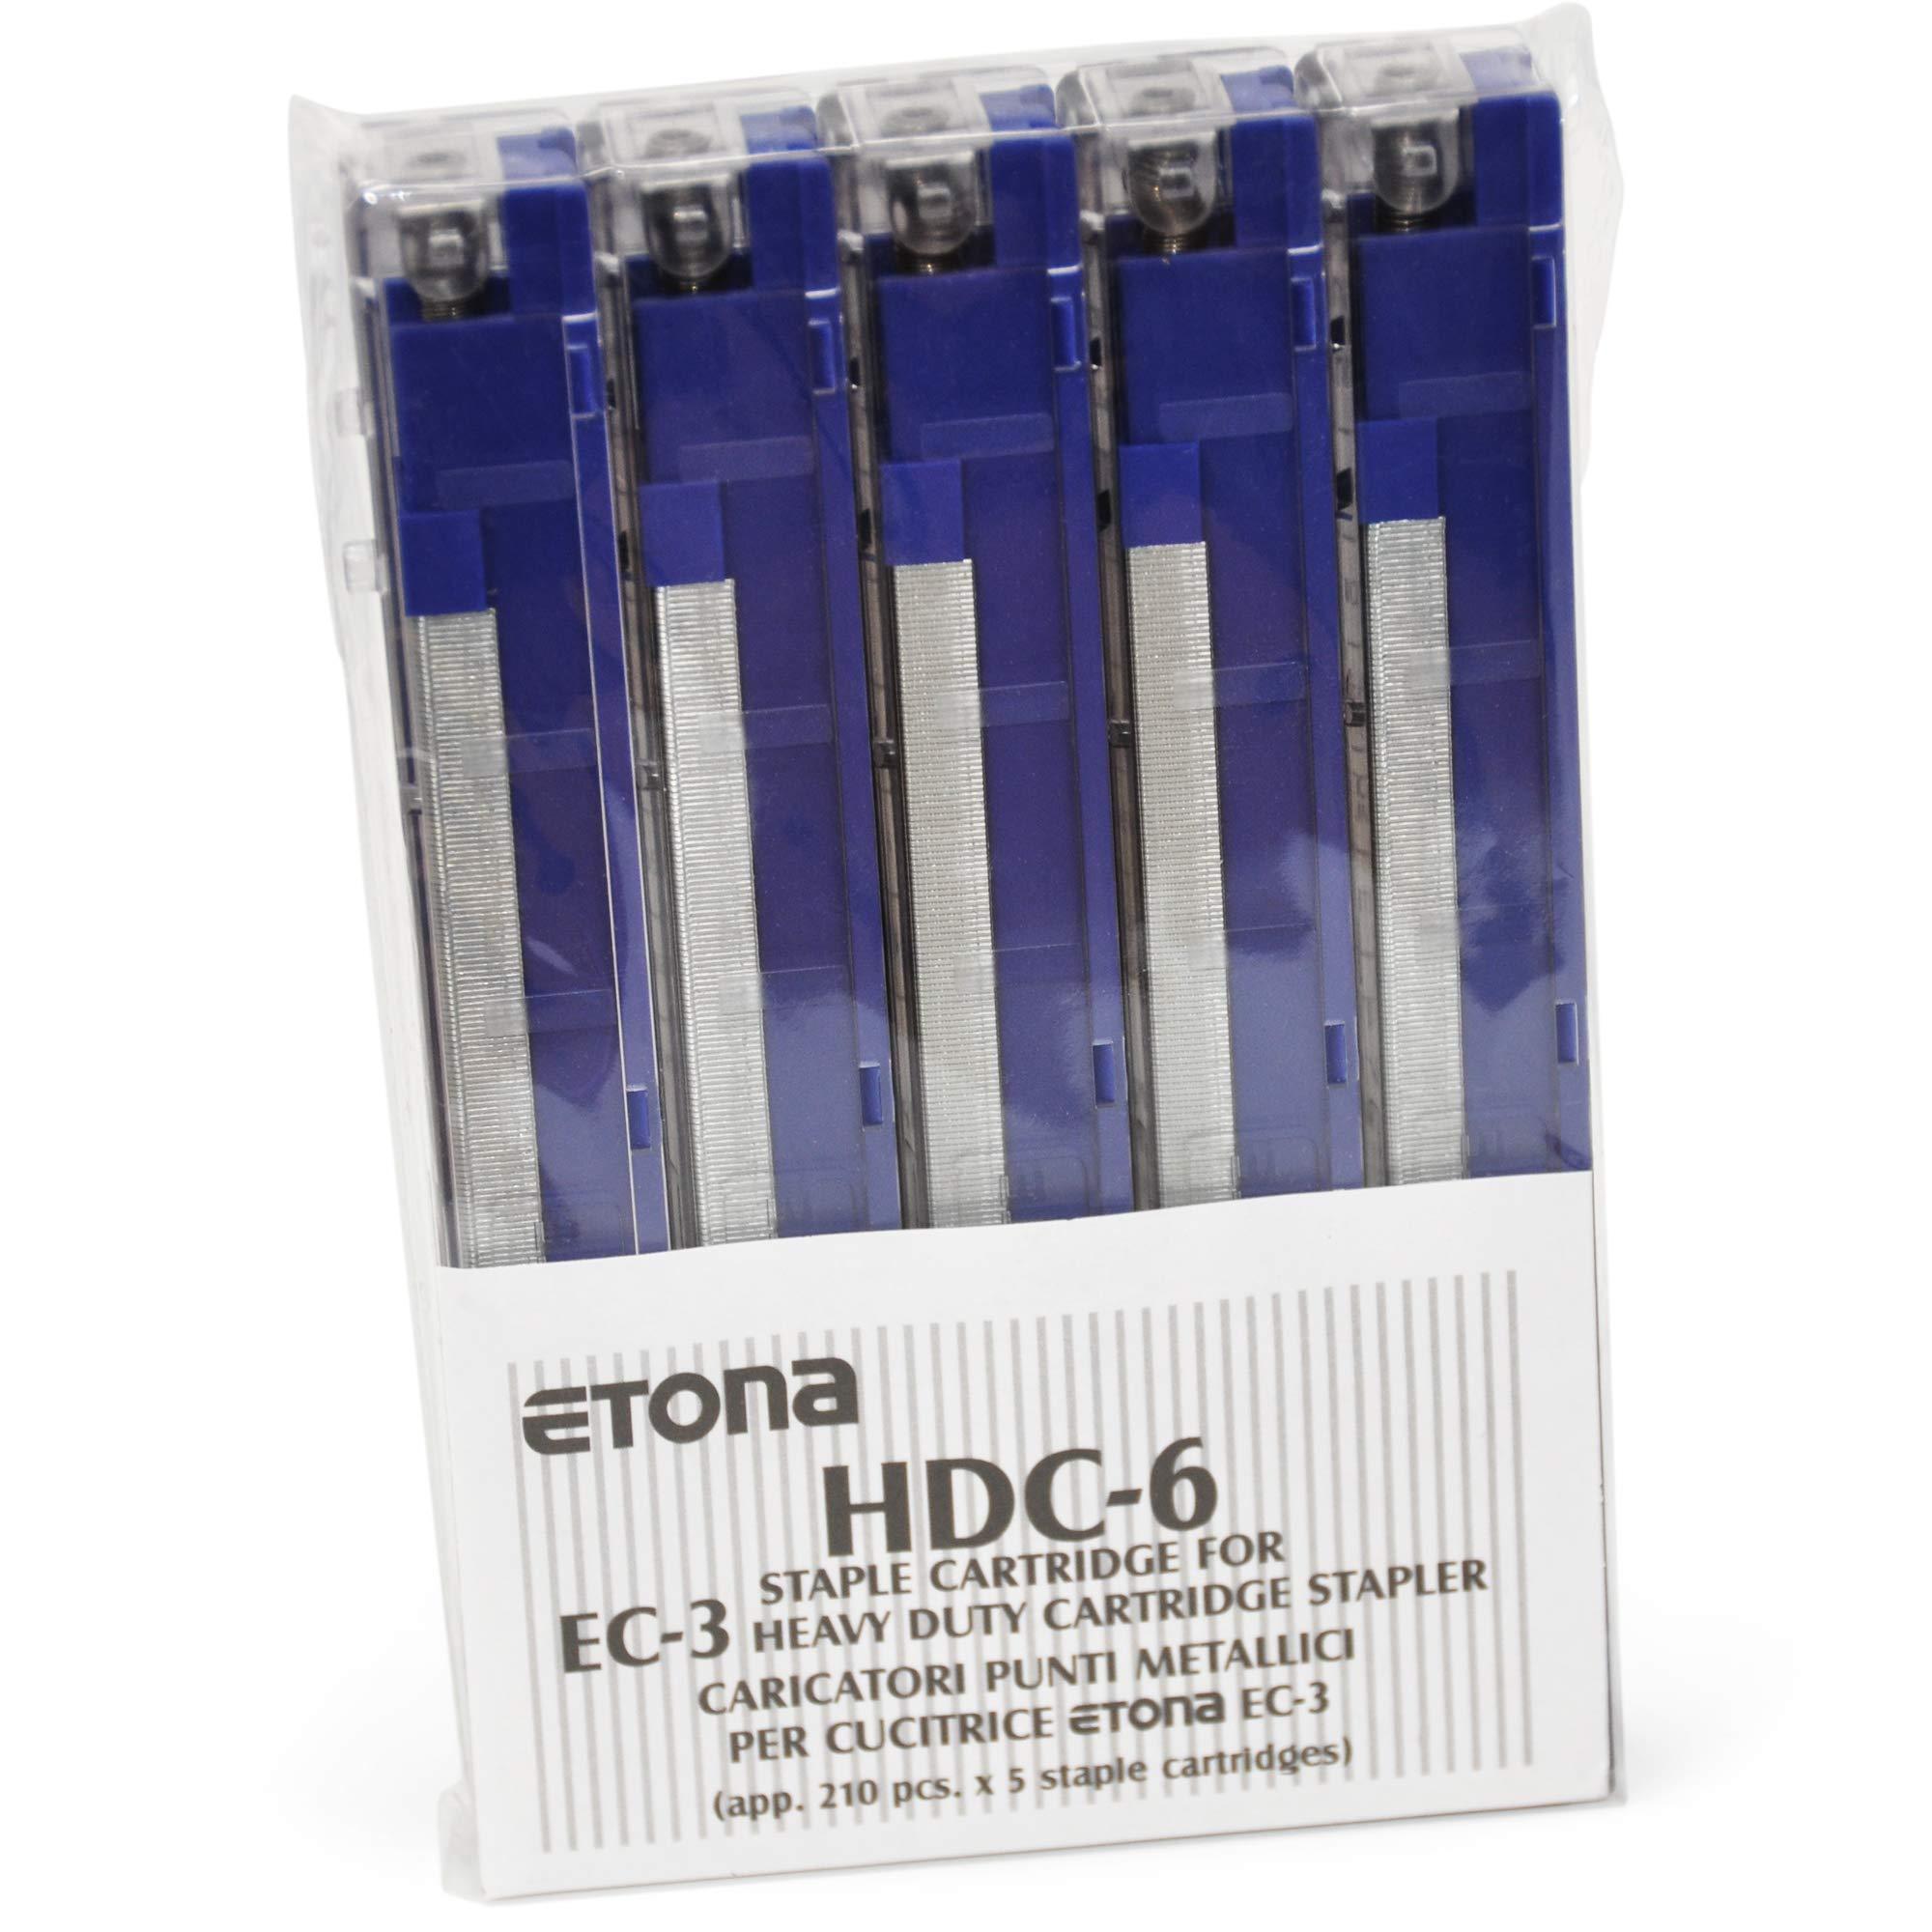 Etona HDC 6 Blue Staples Cassette Refills (2-25 Sheets) for Etona EC3 by ETONA